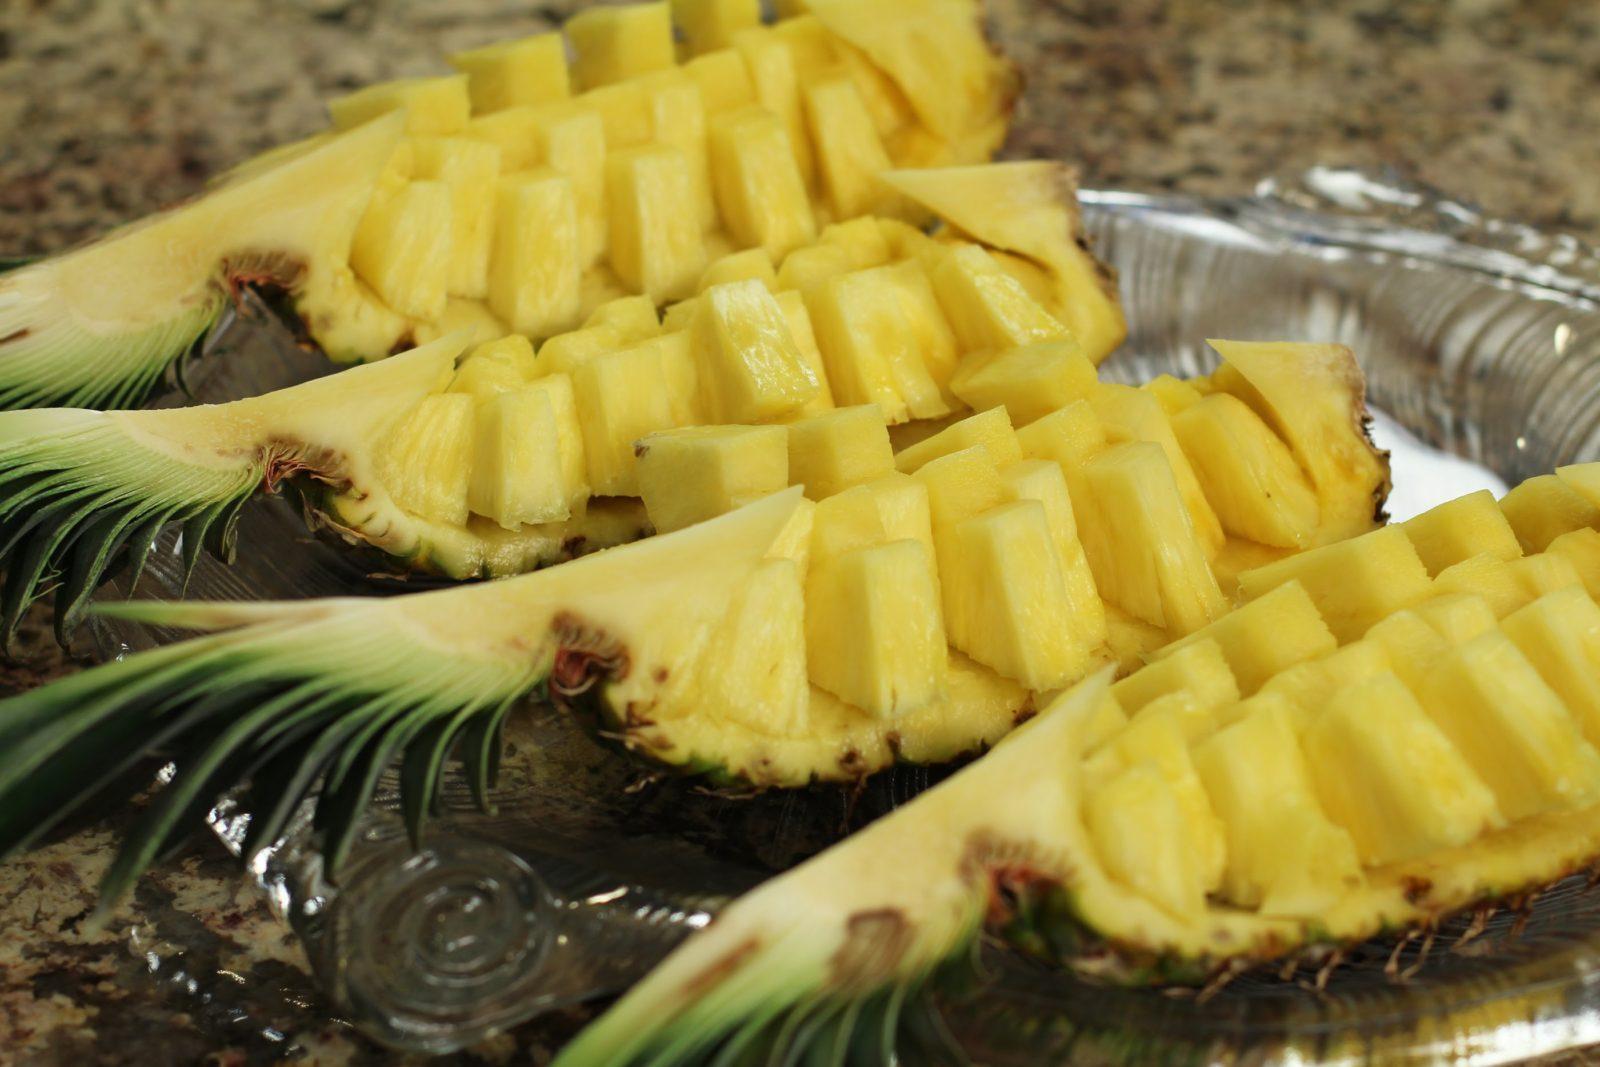 kak-pravilno-chistit-ananas (5)